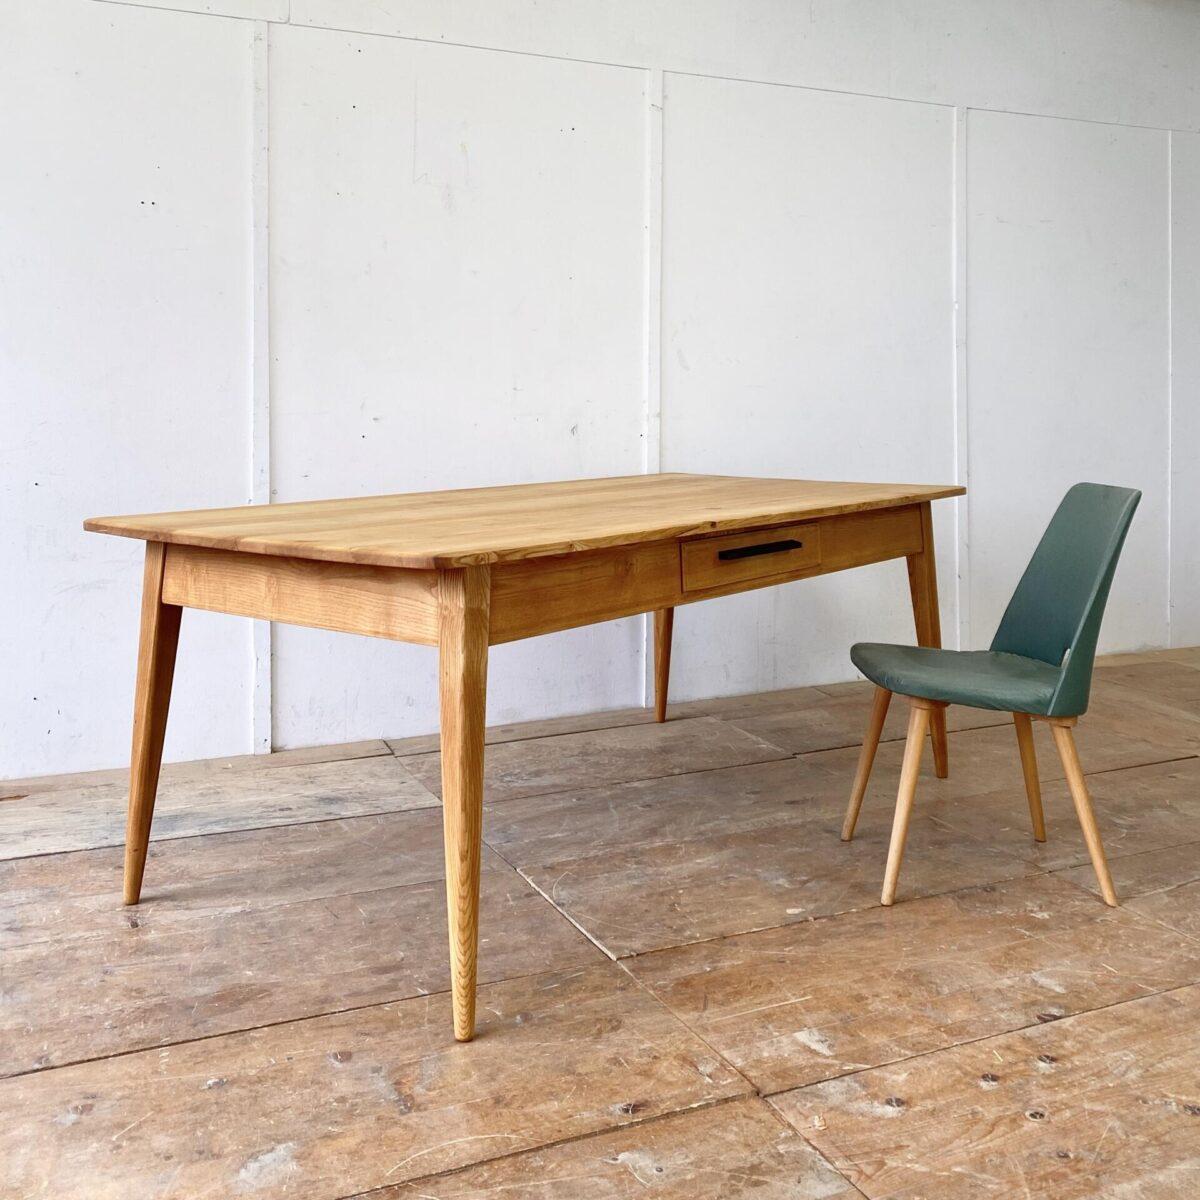 Deuxieme.shop swissdesign Tisch wohnbedarf. Schlichter Esstisch aus Esche Vollholz mit zwei Schubladen. 200x99cm Höhe 75cm. Dieser simple geradlinige Holztisch ist Qualitativ hochwertig verarbeitet, wohl eine Schreiner Anfertigung aus den 50er 60er Jahren. Die Tischbeine sind nach aussen abgewinkelt, und werden gegen fussende rund. Die Holzoberfläche ,mit leichter Alterspatina,